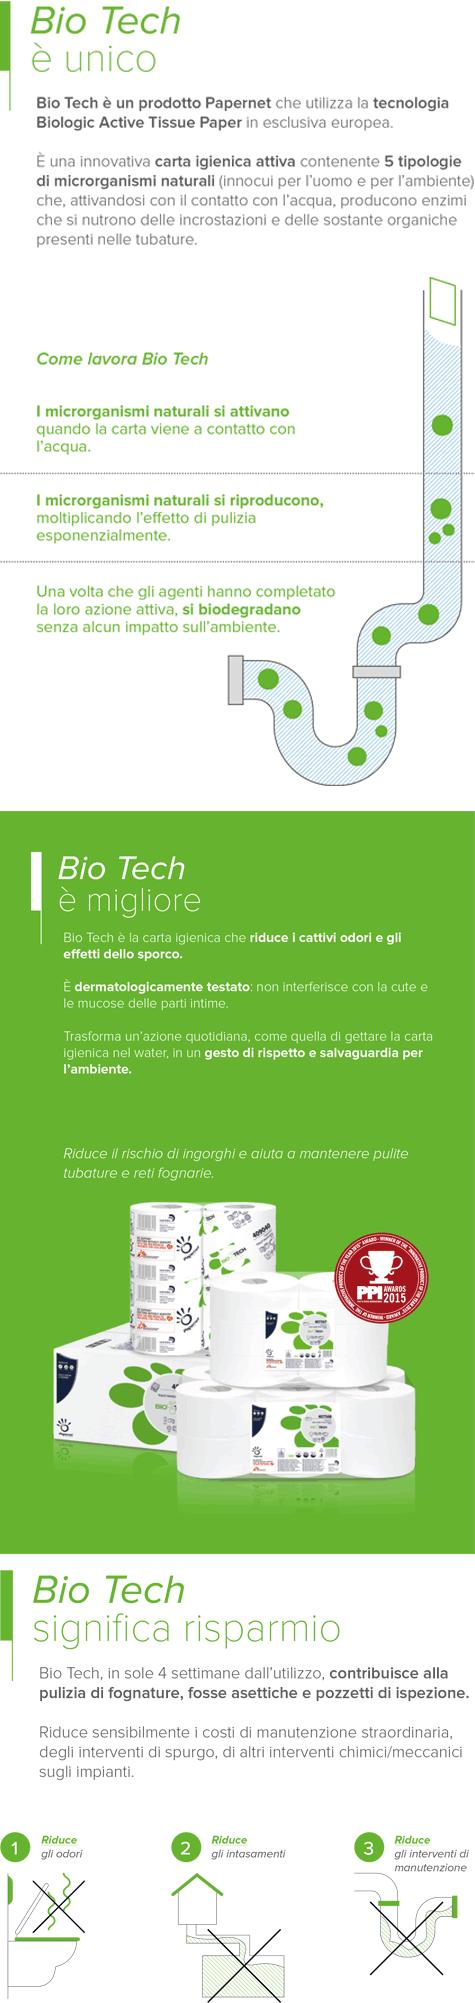 carta Carta igienica in rotolo fascettato  Bio-Tech qualità superior, 2 veli, goffratura micro, altezza 9,5cm, lunghezza 11cm, diametro 10cm, 165 strappi.